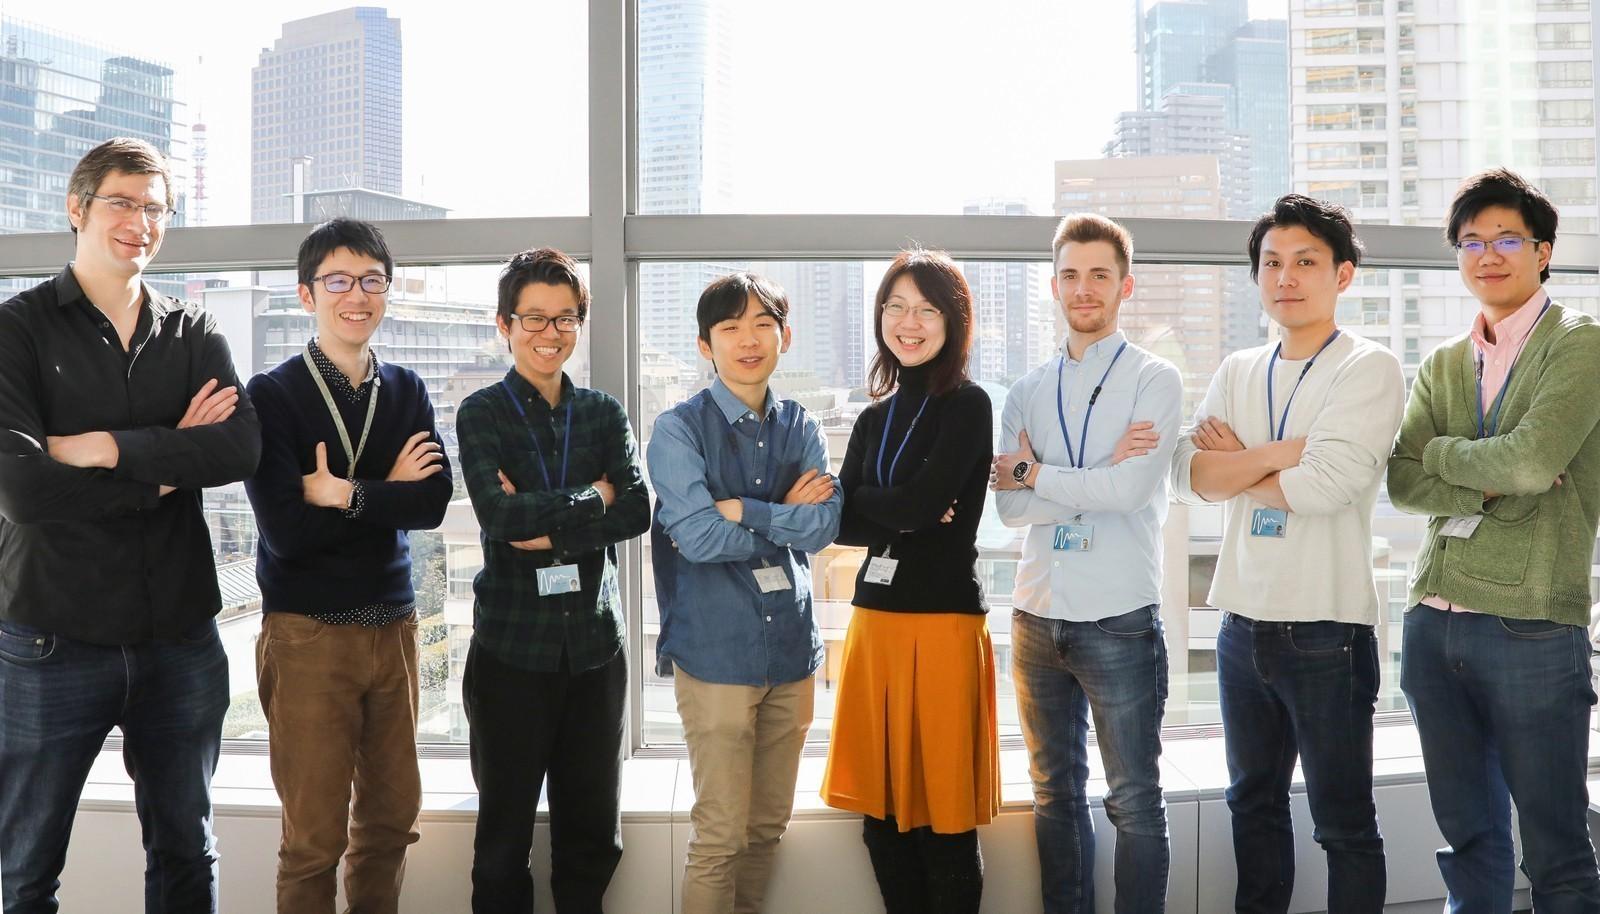 大事な人のために日本・世界の医療をよくしていきたい機械学習エンジニアを募集!